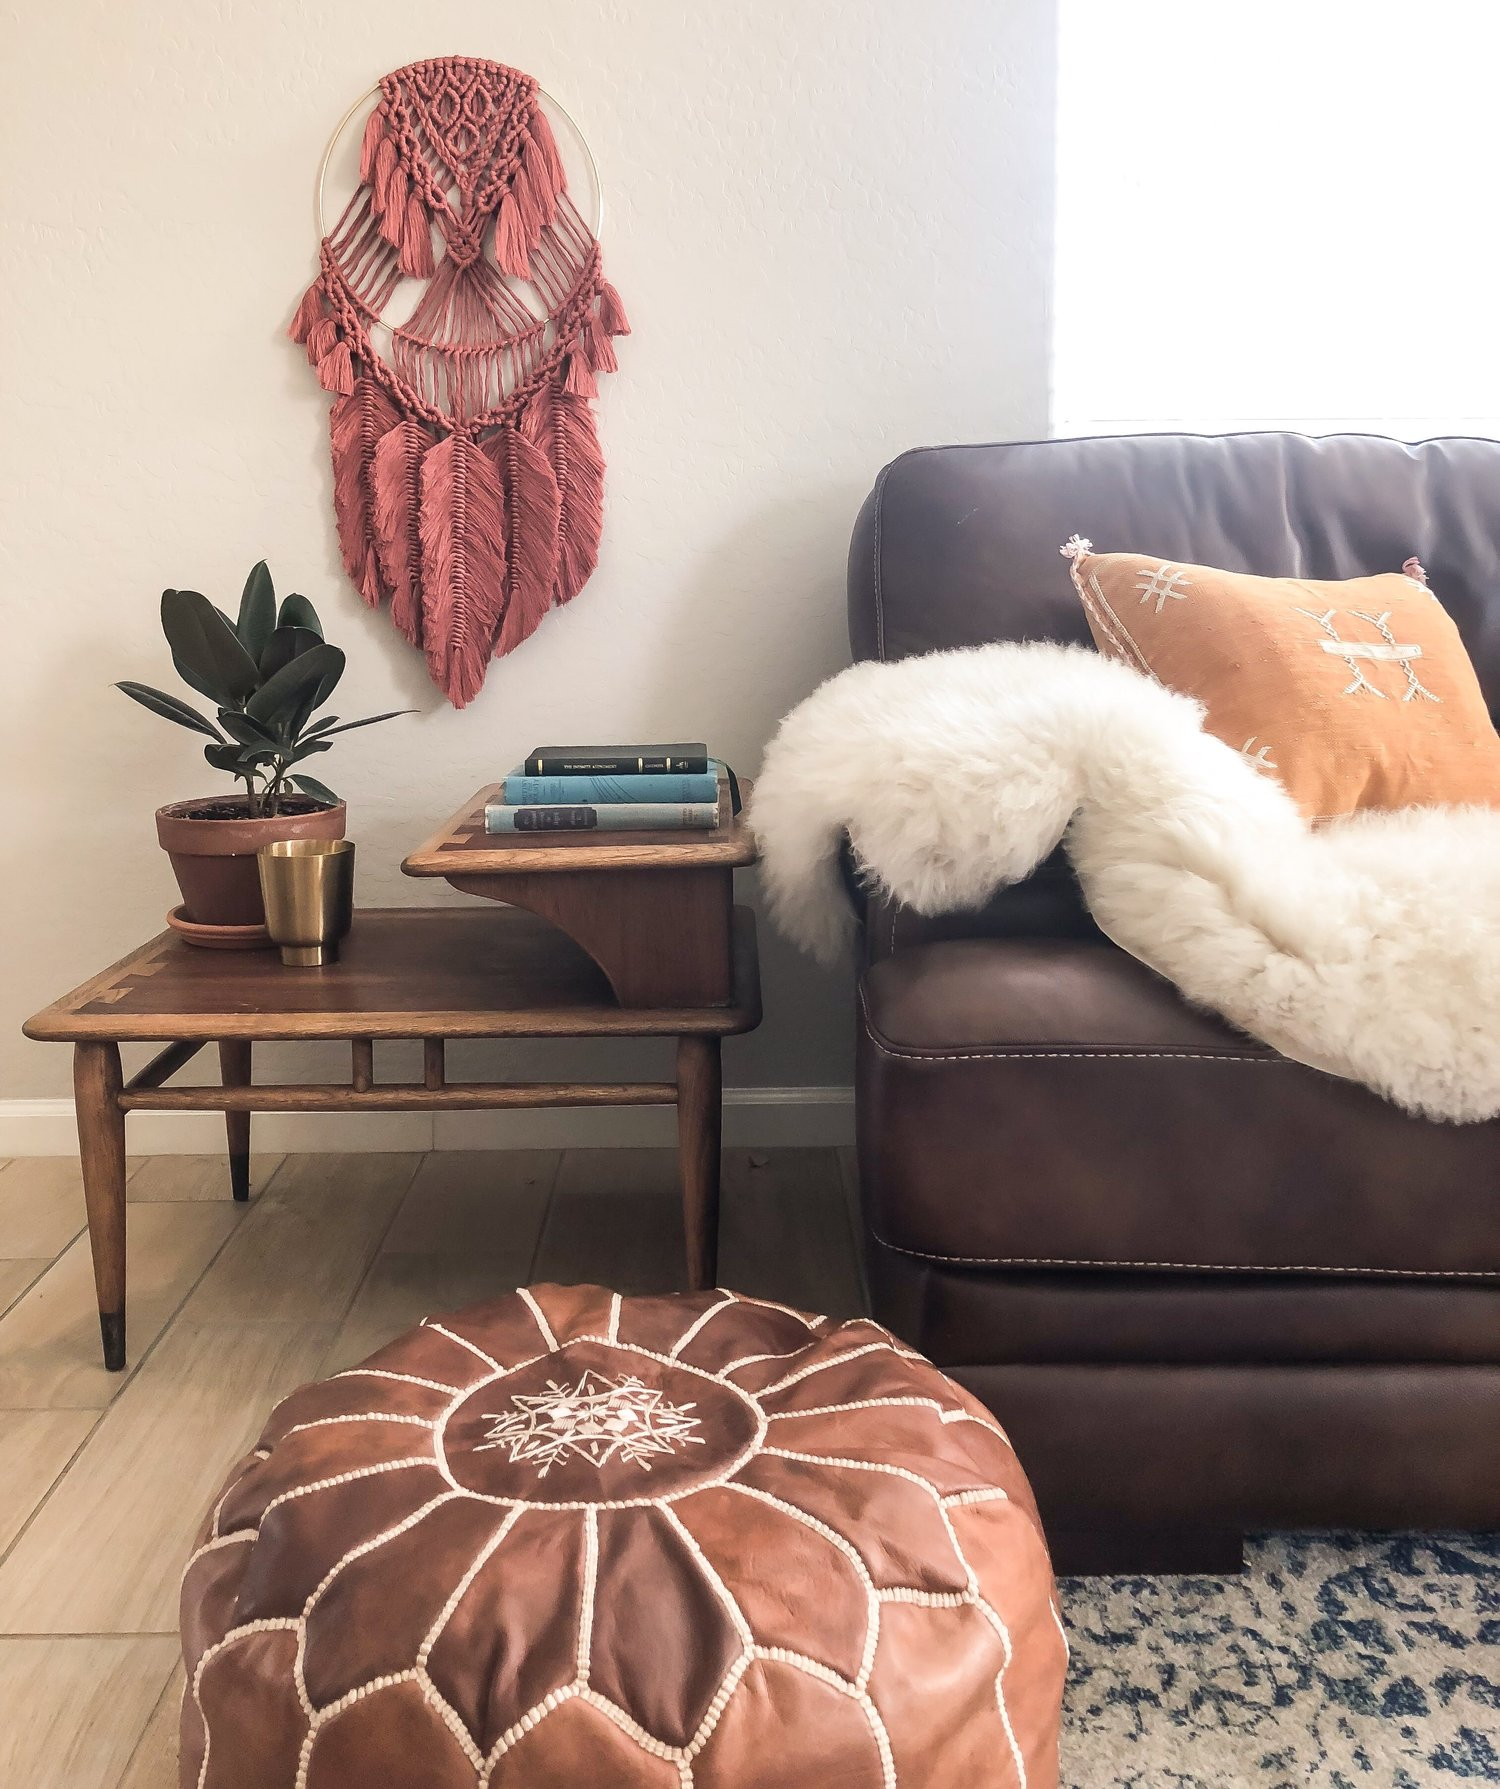 Sala de estar com: sofá, almofadas e mesinha em estilo boho. na parede existe uma exuberante mandala vermelha.